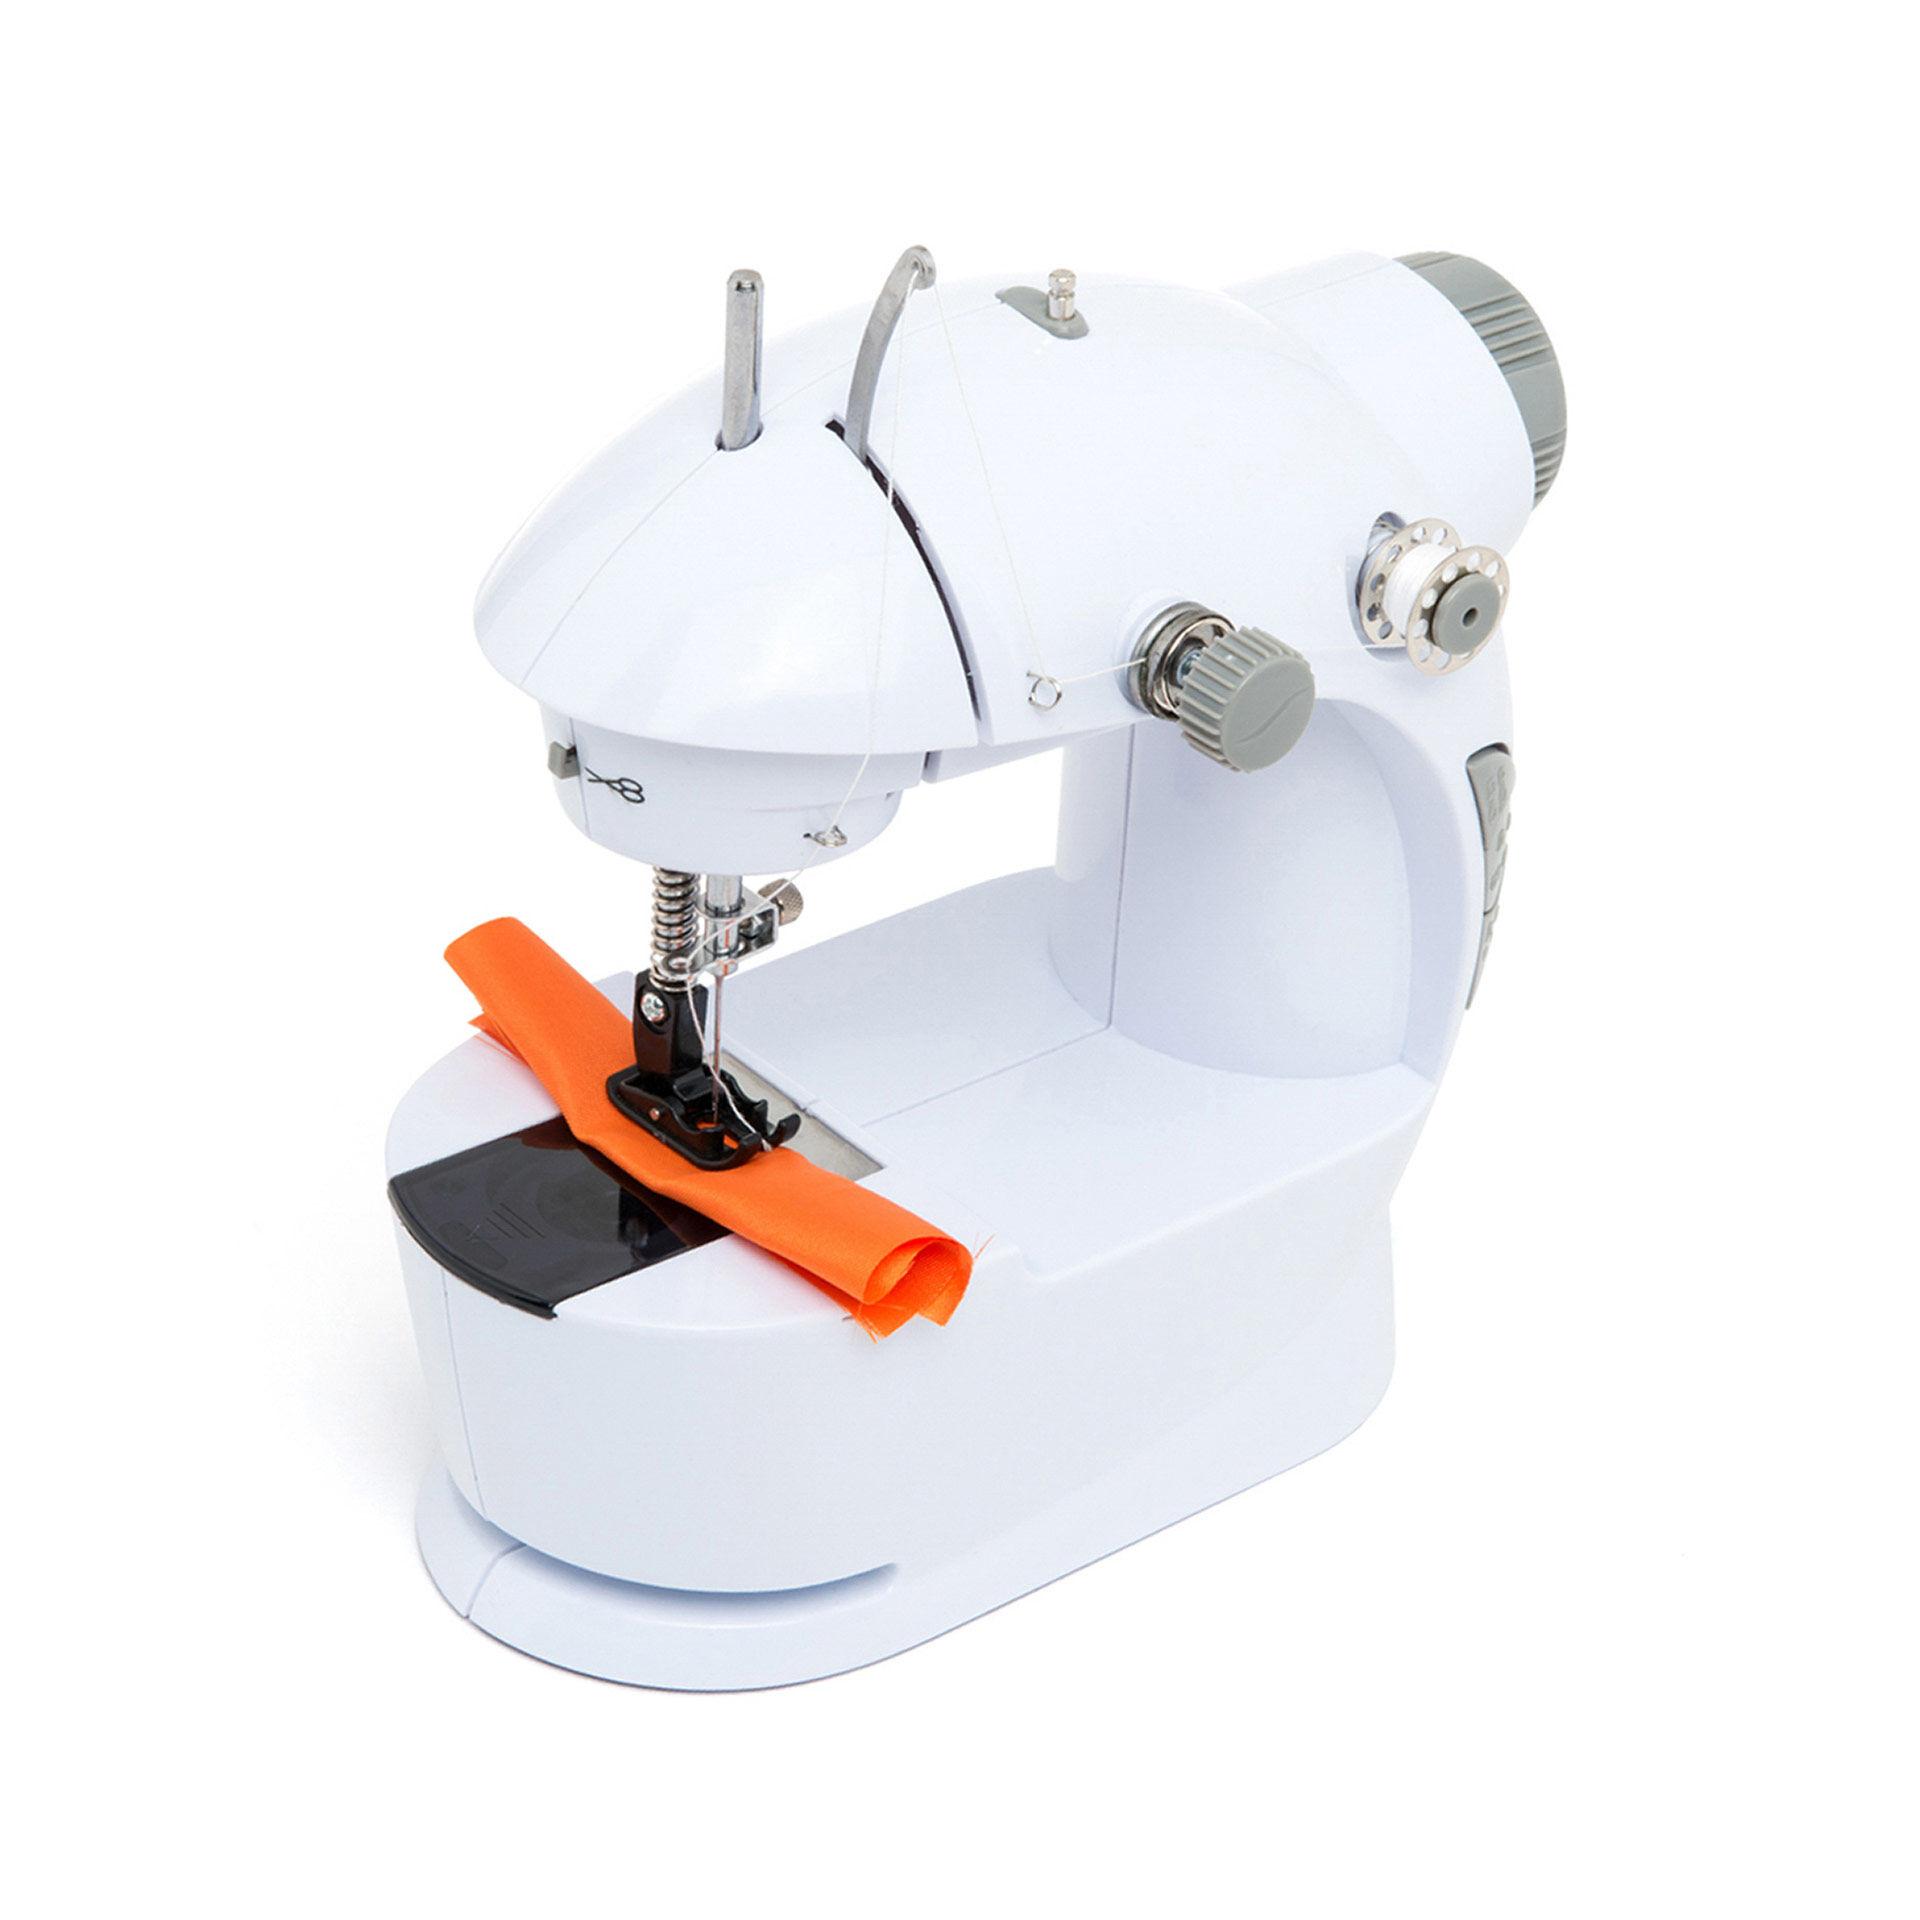 Machine à coudre portable avec pédale et accessoires, , large